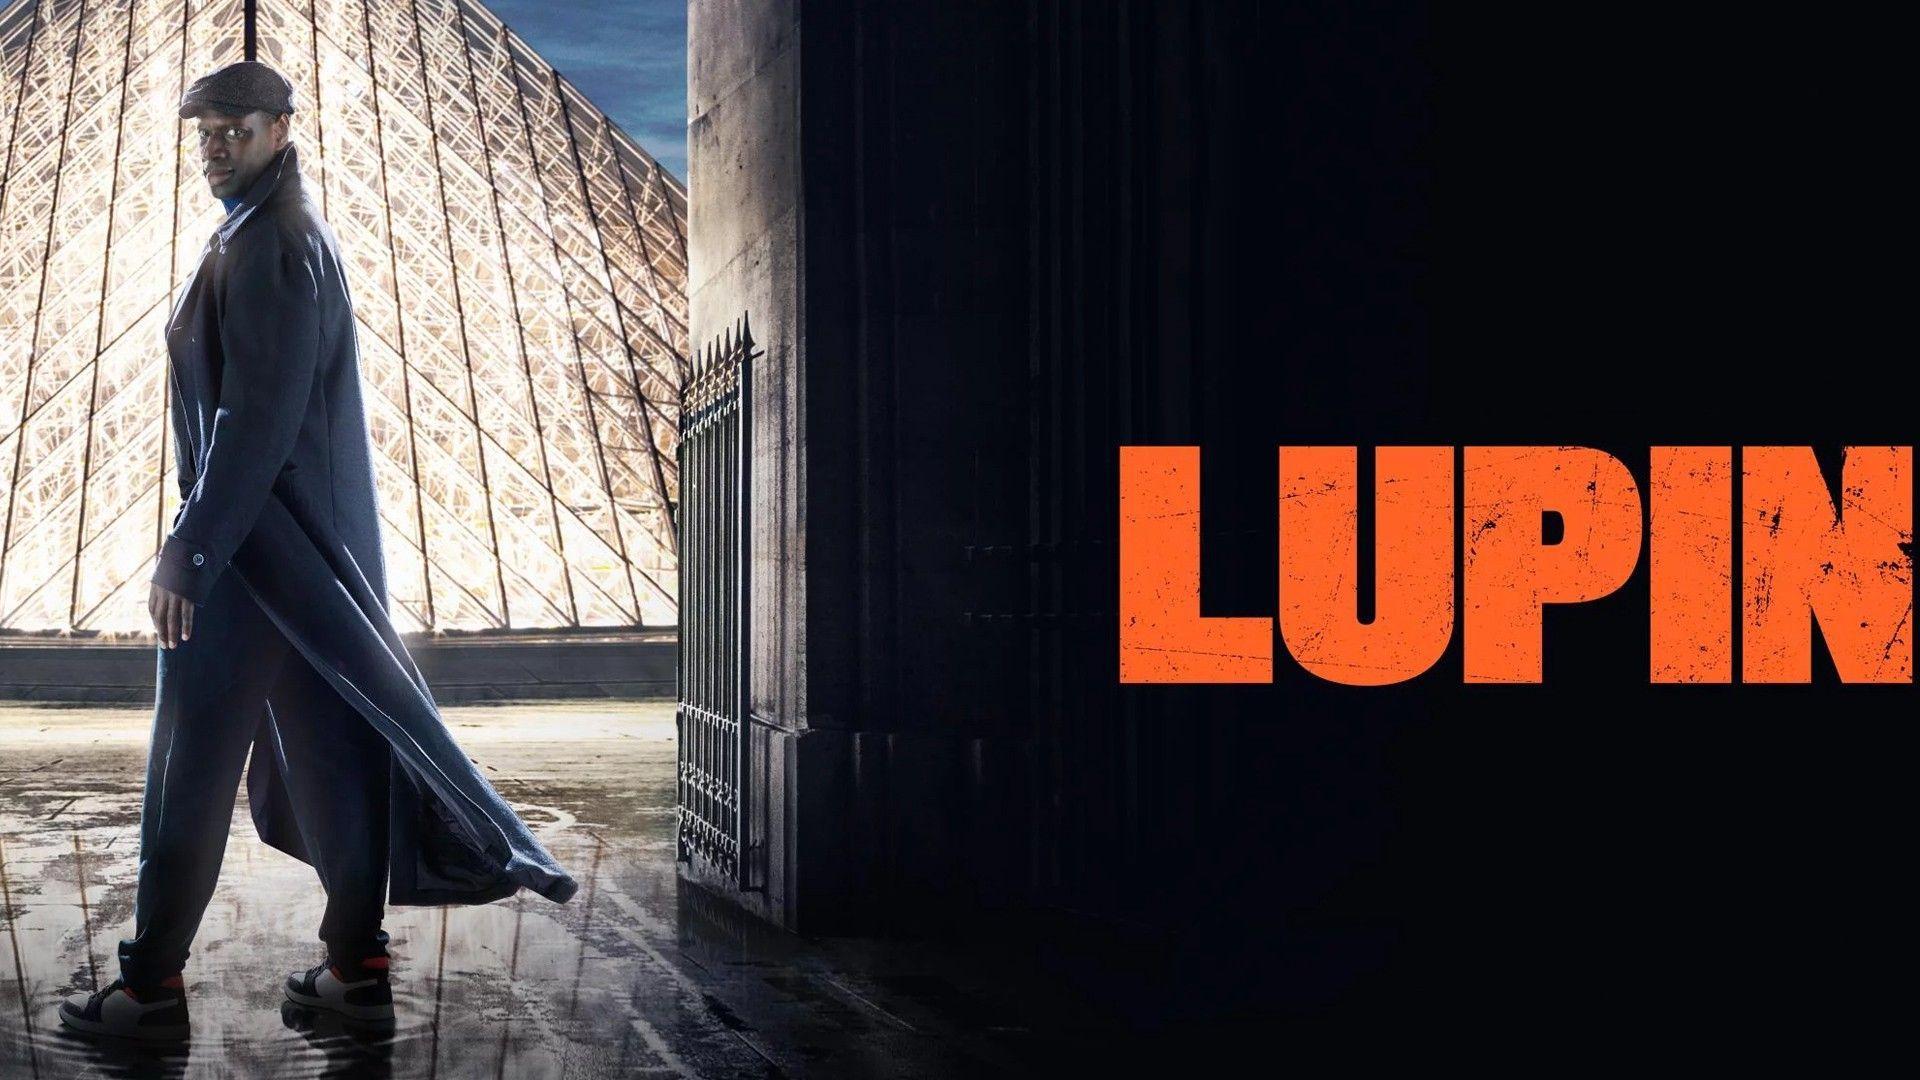 Lupin-Netflix